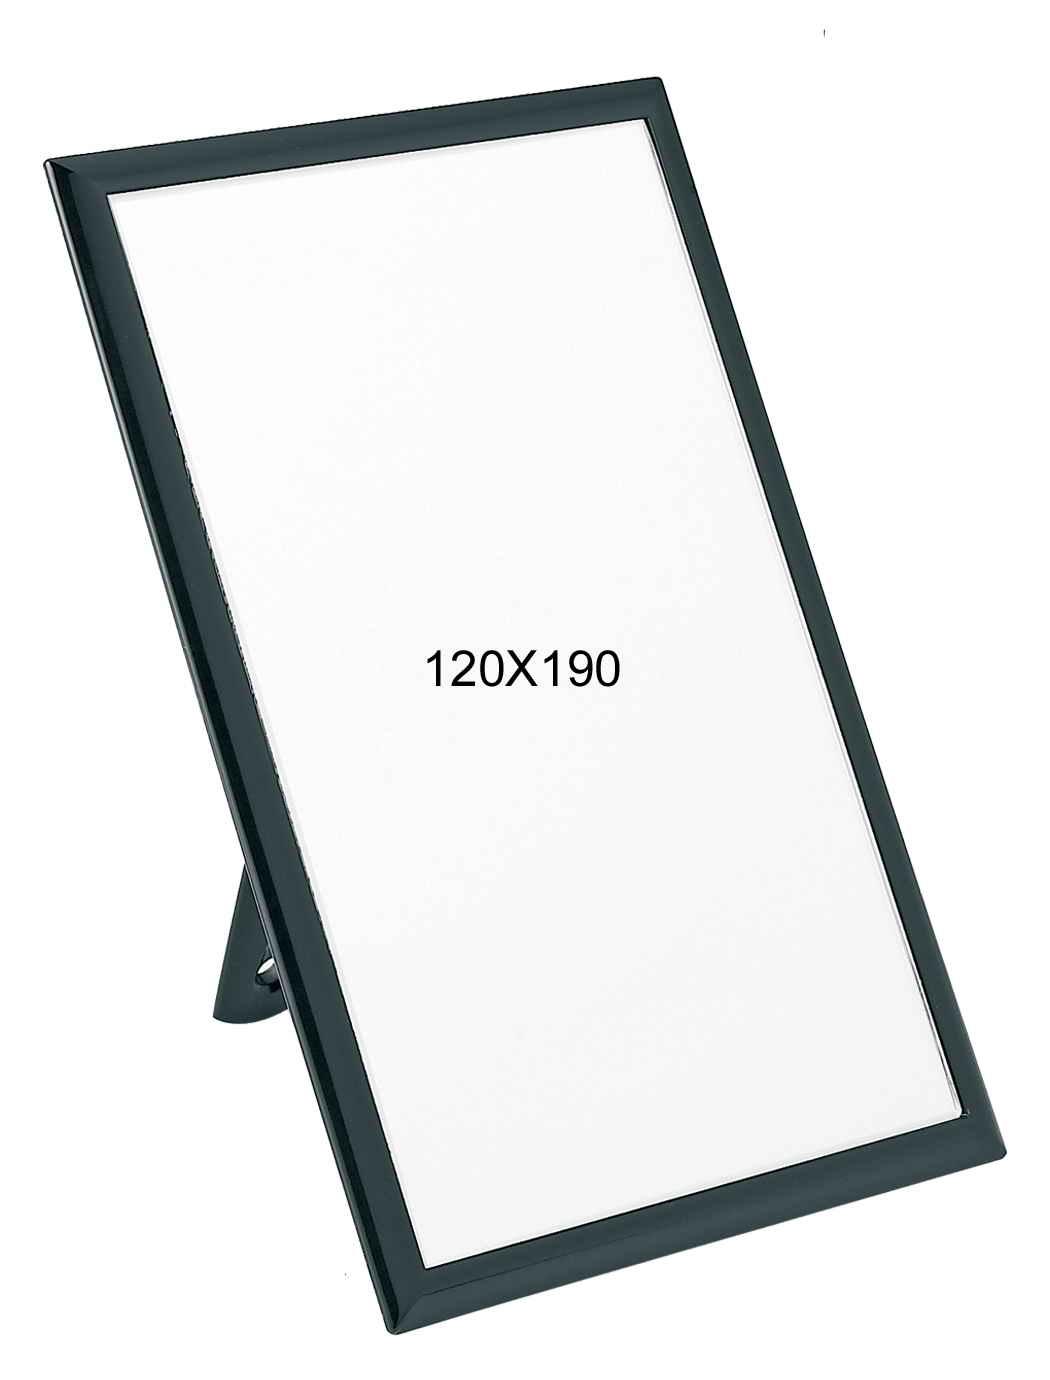 Specchio da tavolo 120x190 cod 71477 ner janeke 1830 - Specchio da tavolo ...